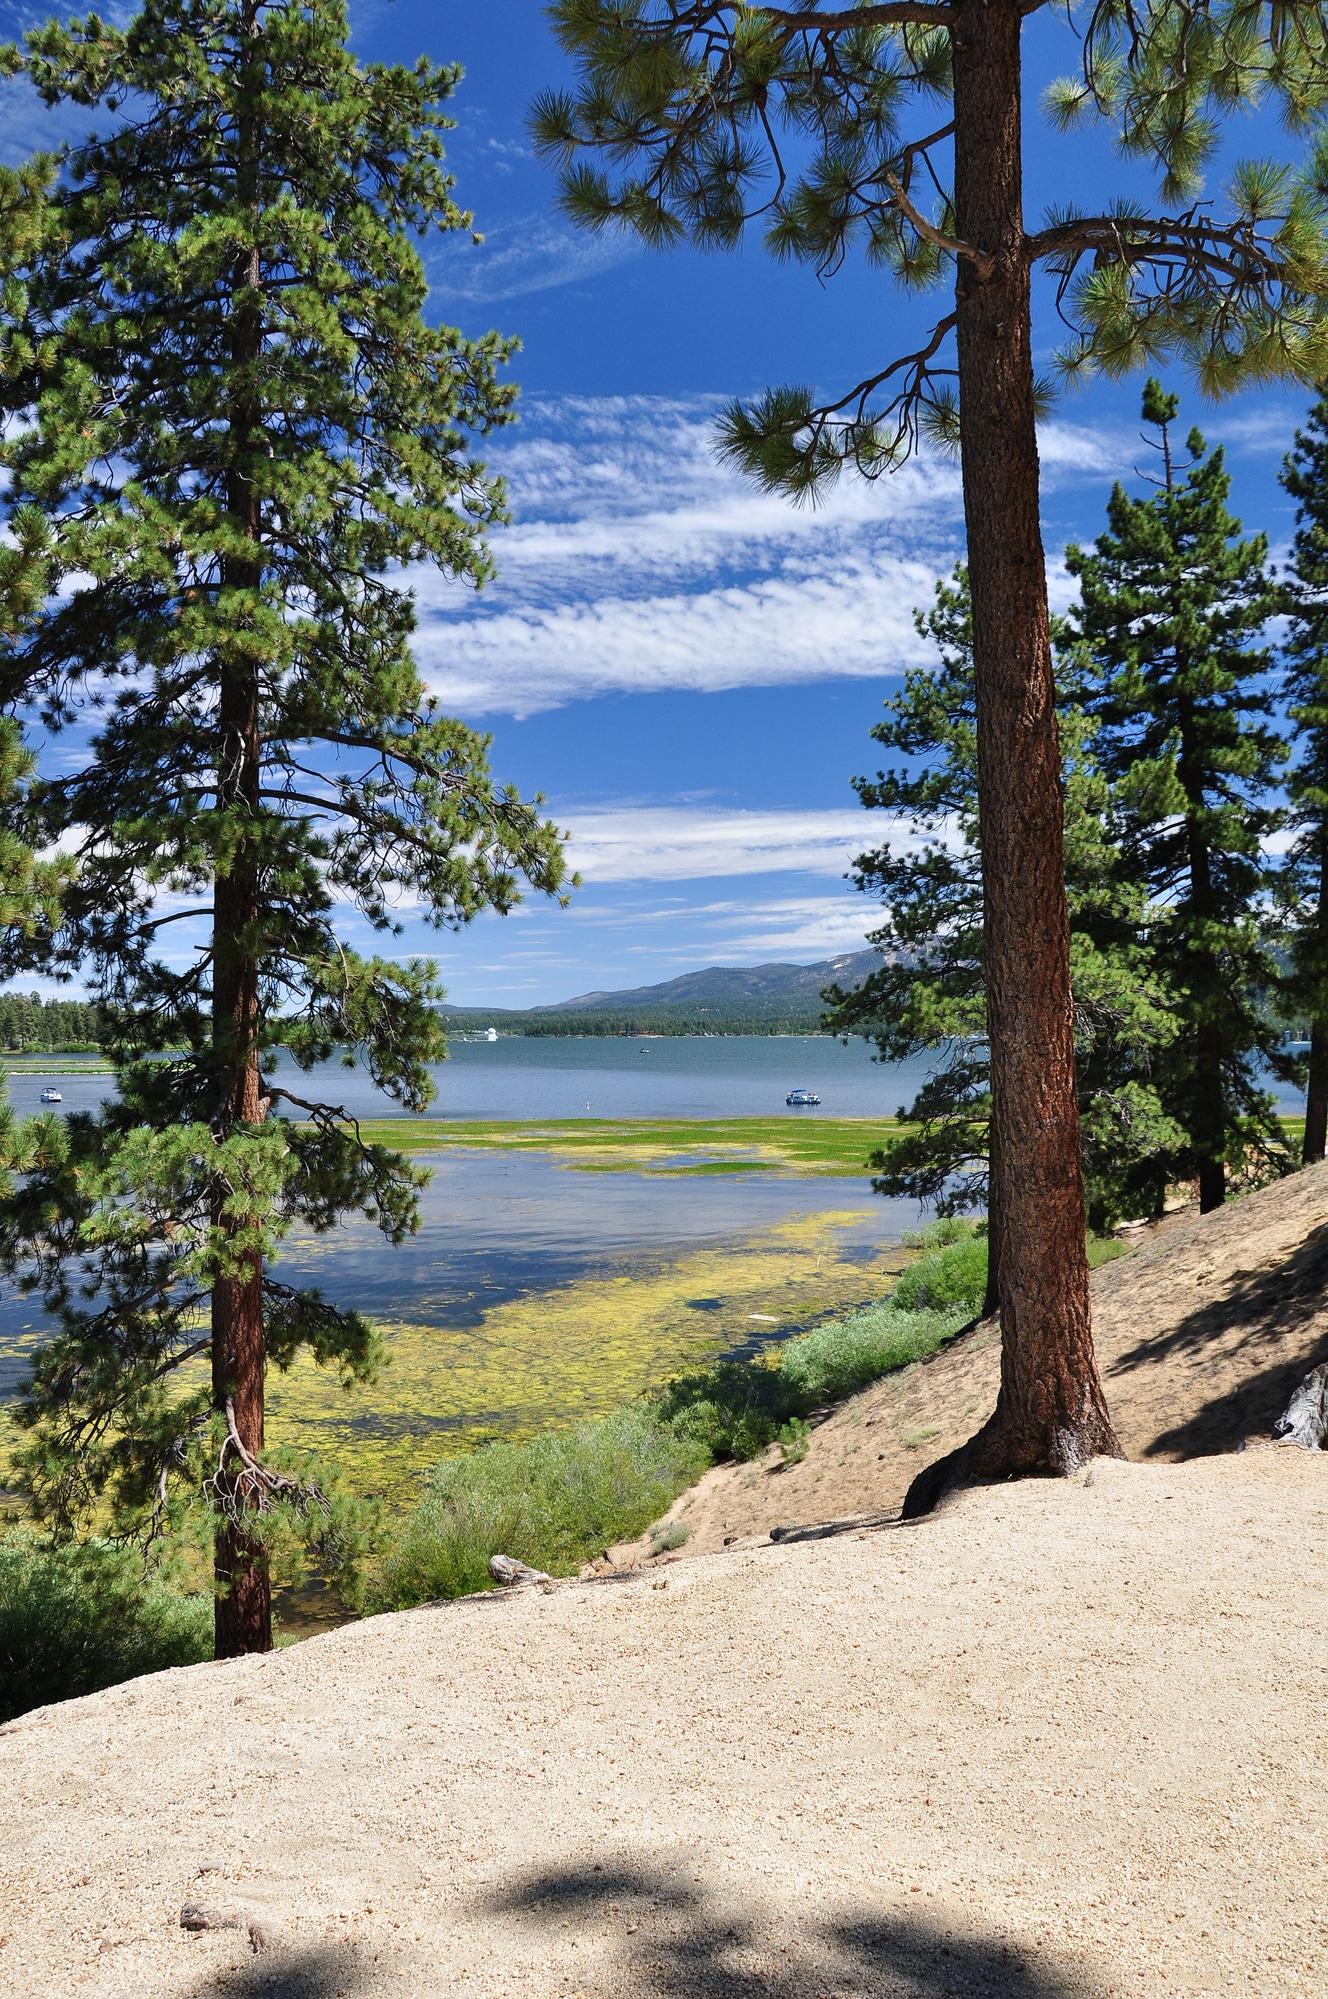 11 Tips for Planning a Vacation at Big Bear Lake